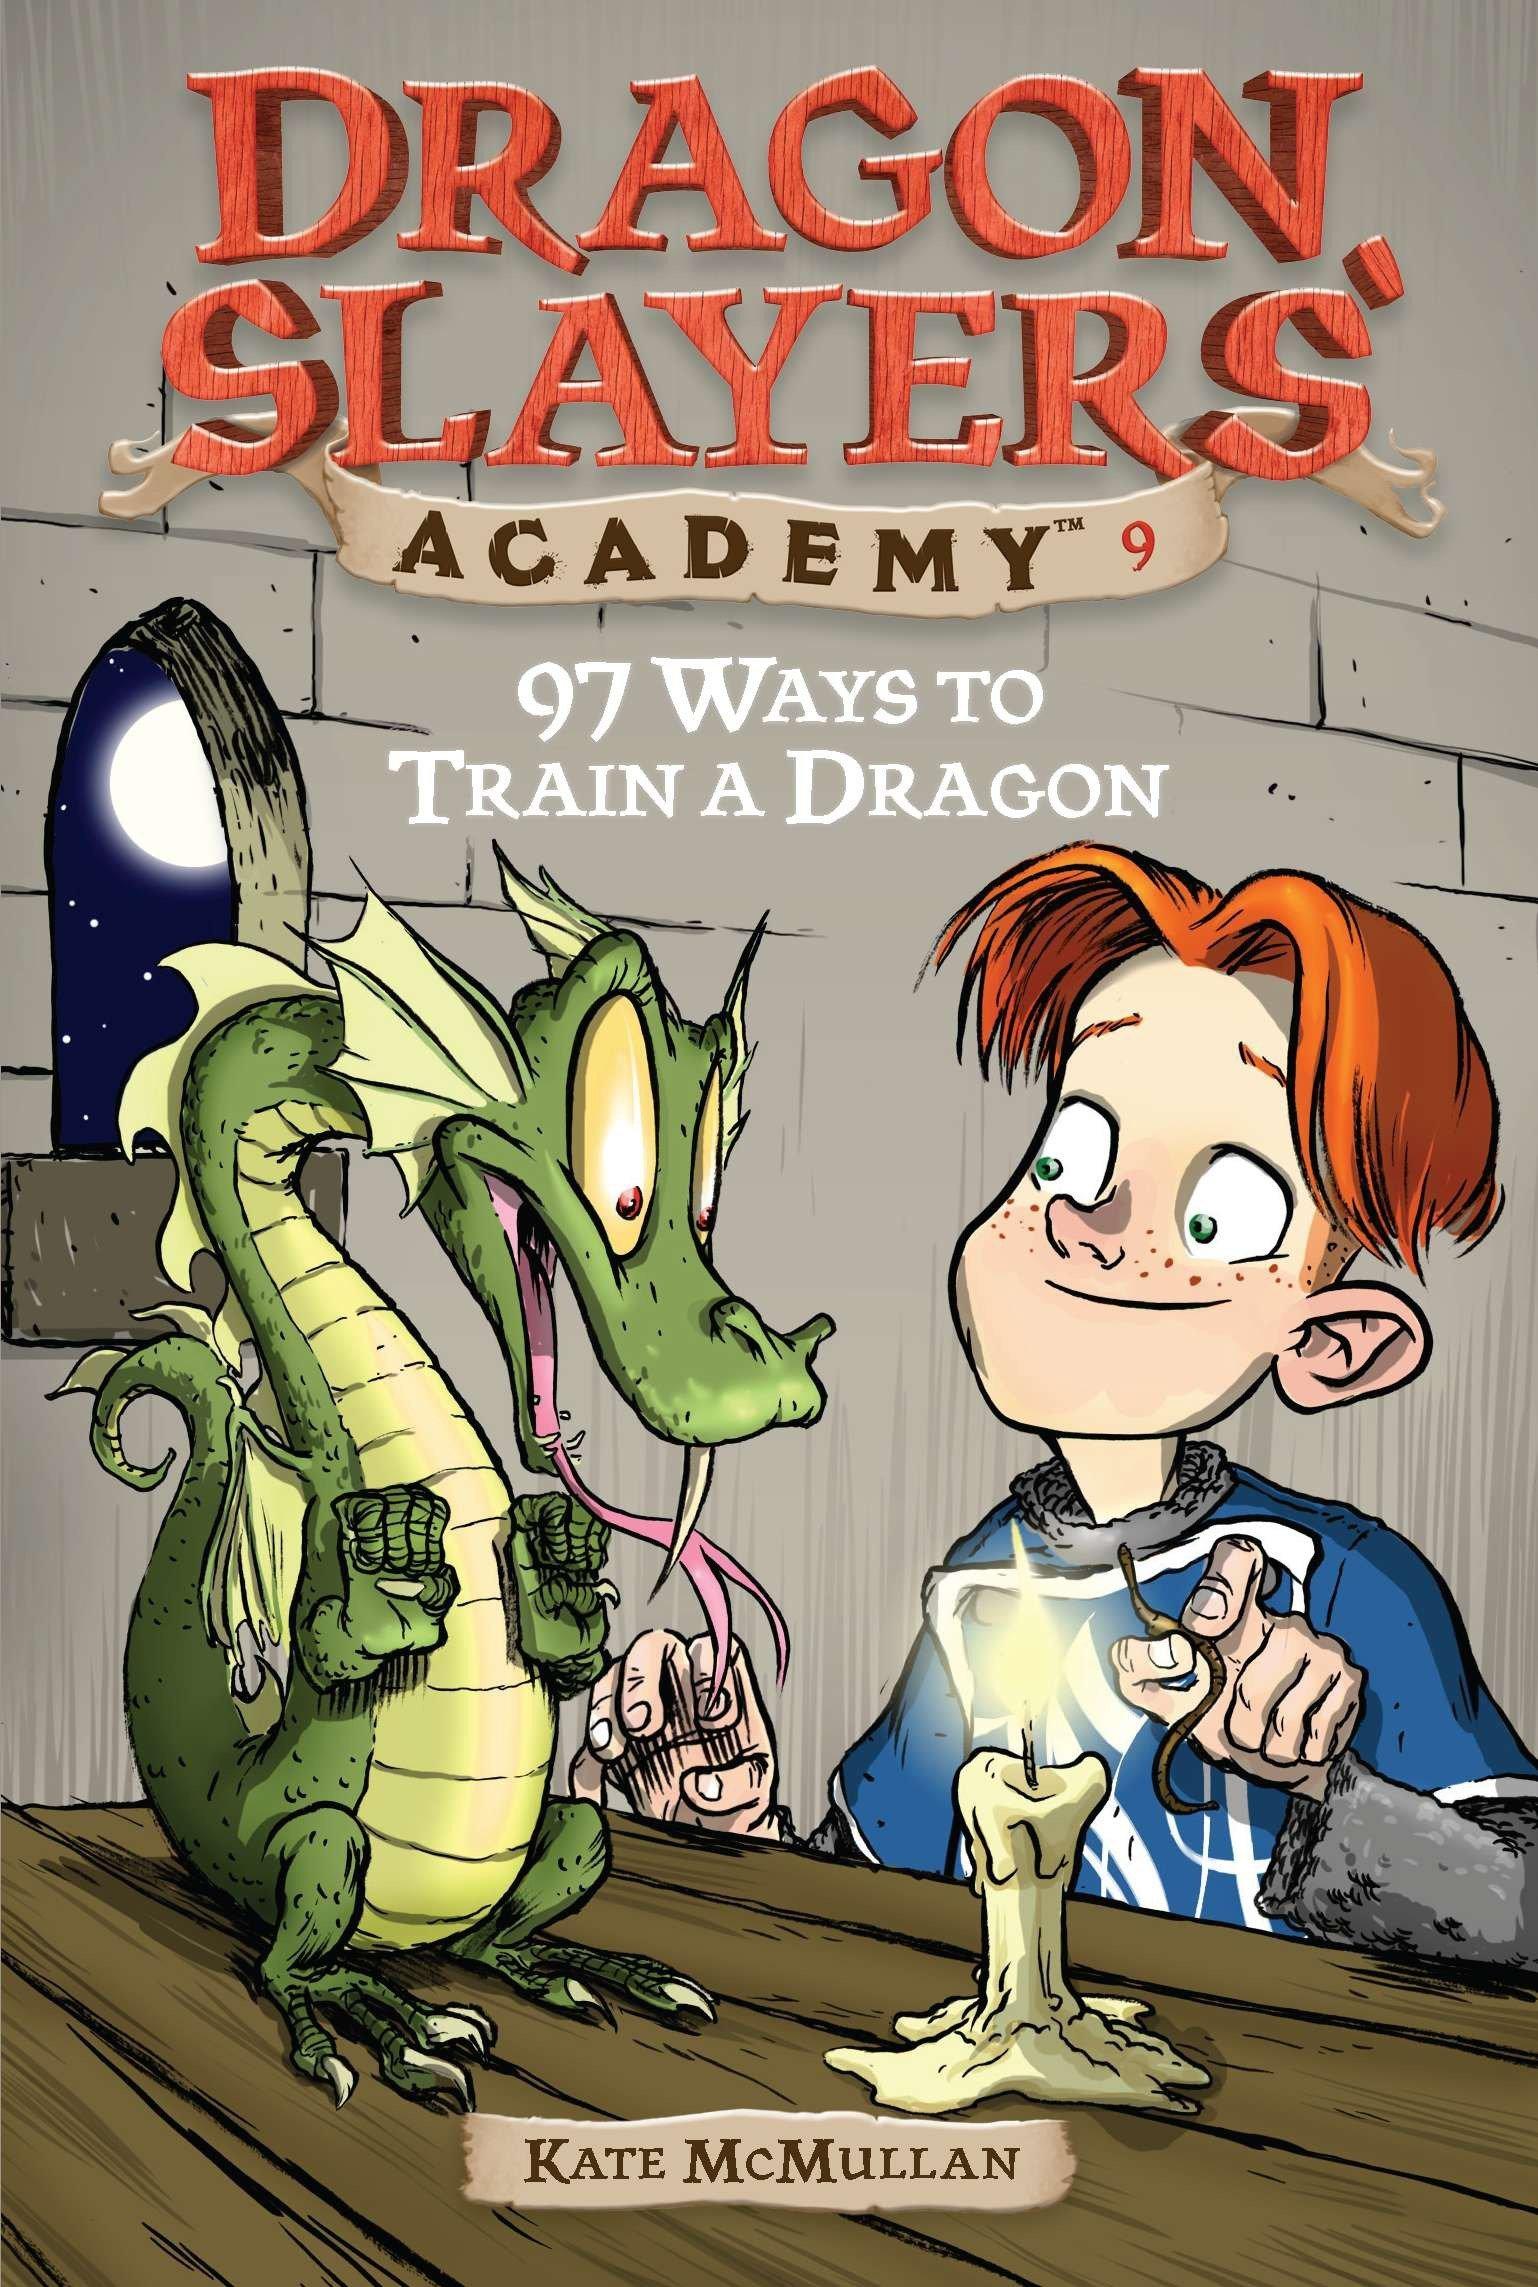 Read Online 97 Ways to Train a Dragon #9 (Dragon Slayers' Academy) pdf epub